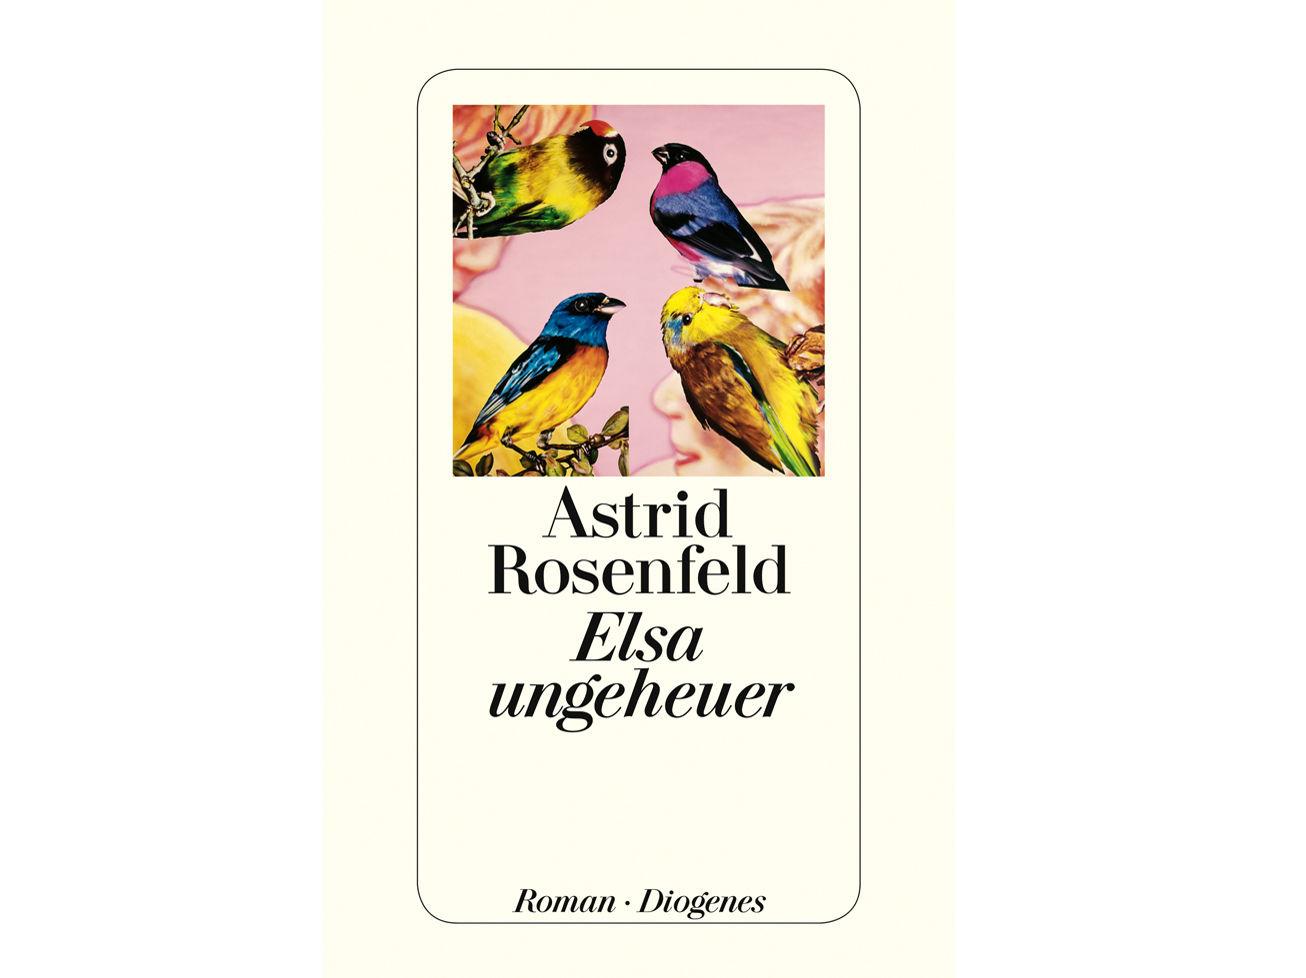 Elsa ungeheuer von Astrid Rosenfeld